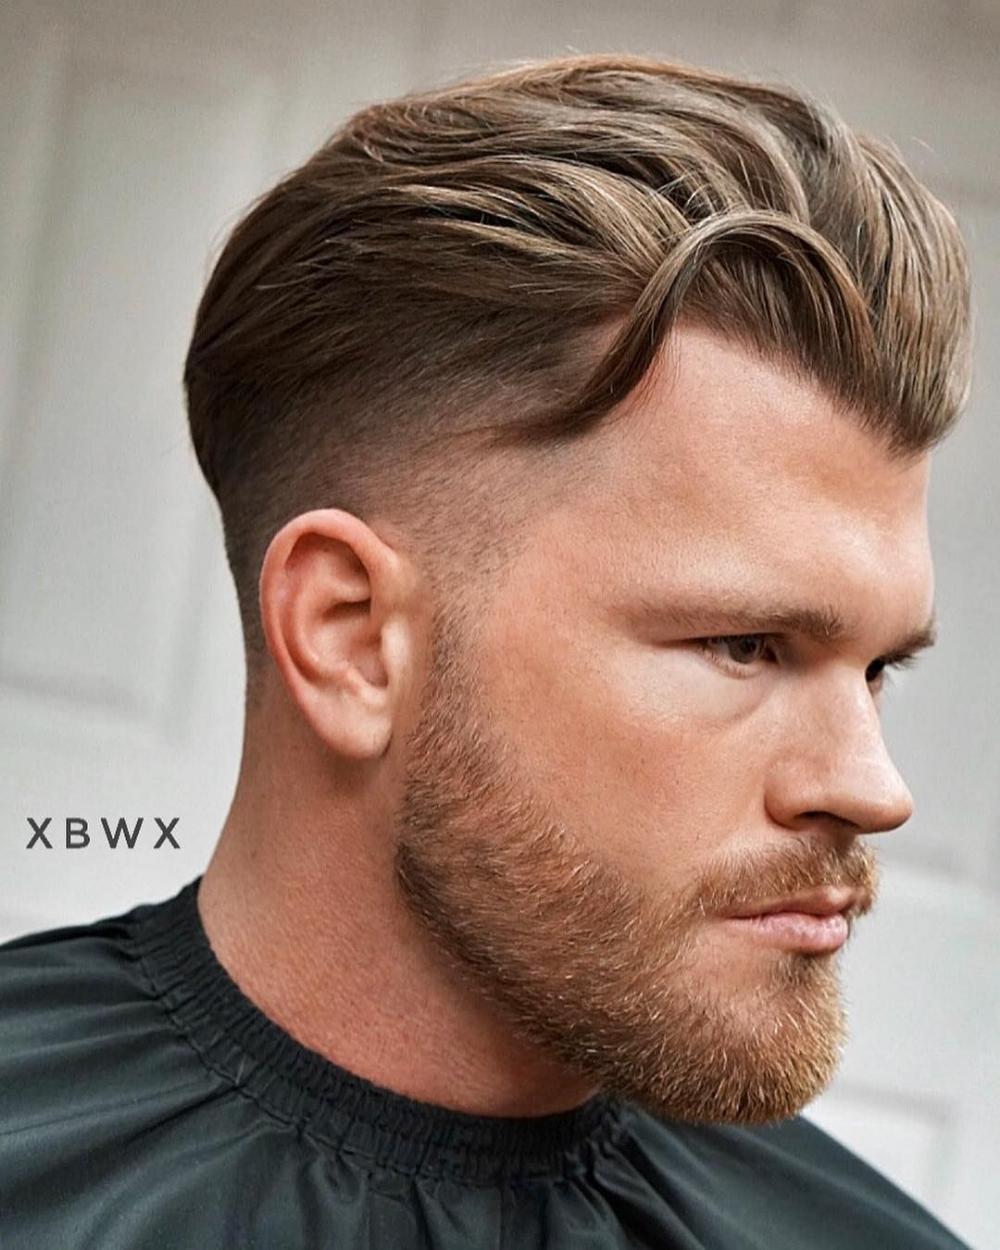 20 Trendiest Mens Hairstyles Long For 2019 Trends Easy Hairstyles Long Hair Styles Men Mens Hairstyles Short Mens Hairstyles Undercut